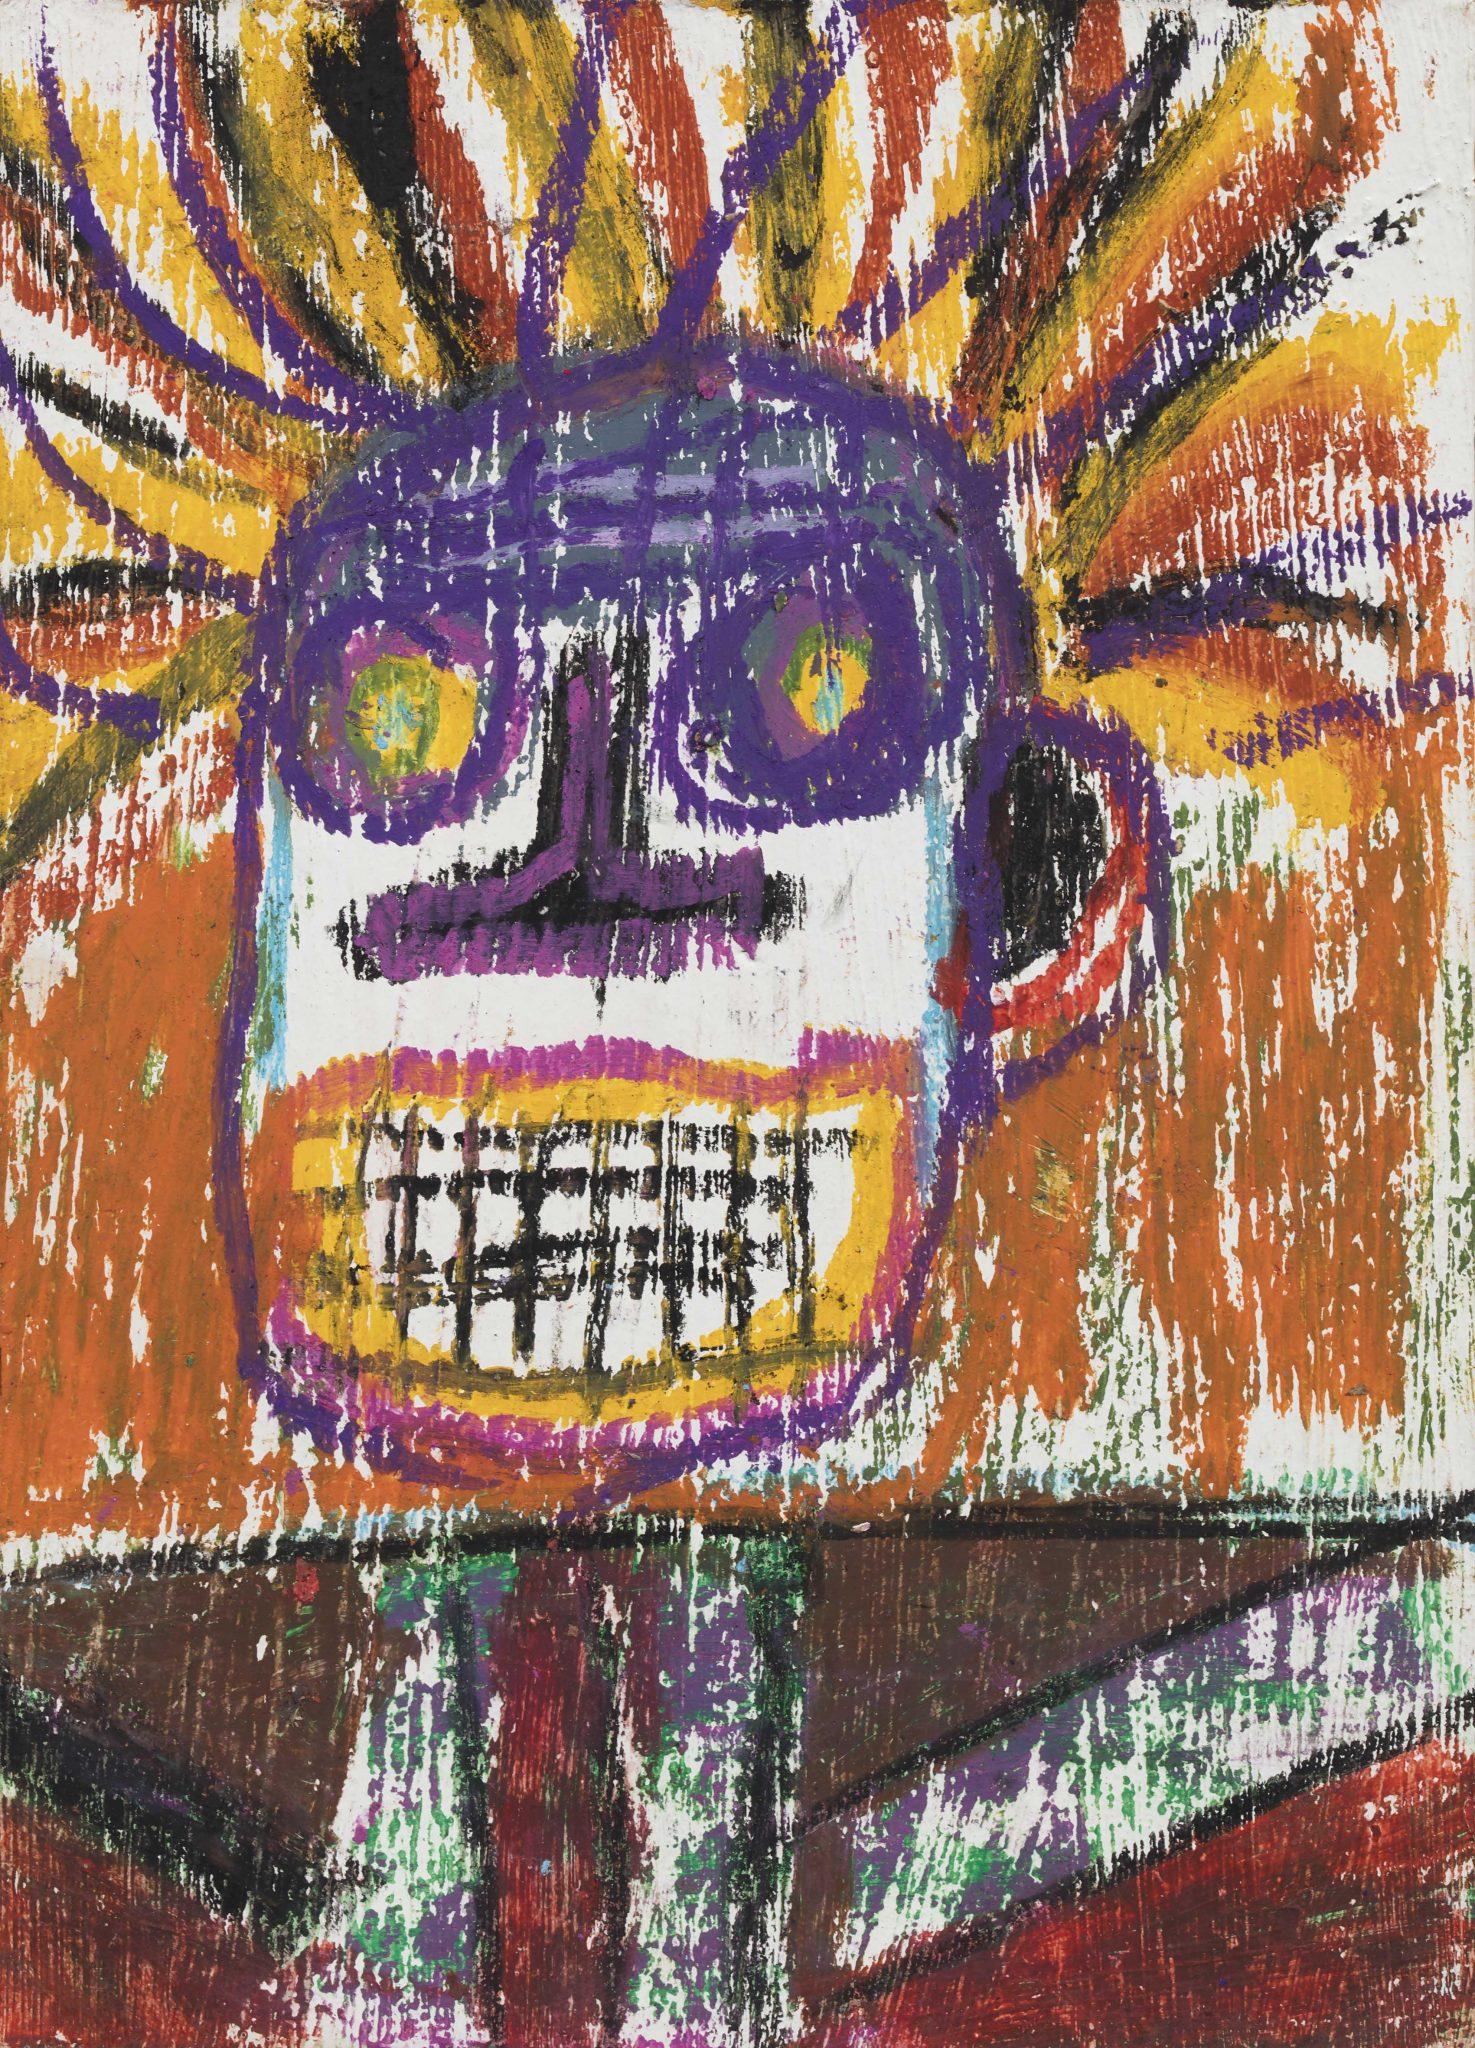 JEAN-MICHEL BASQUIAT (New York, USA 1960 - New York, USA 1988) Senza titolo acrilico, olio e pigmenti organici su cartolina, cm 17,78x12,7 sul retro firmato e datato J.M.B 81 eseguito nel 1981 stima 20.000/40.000 euro